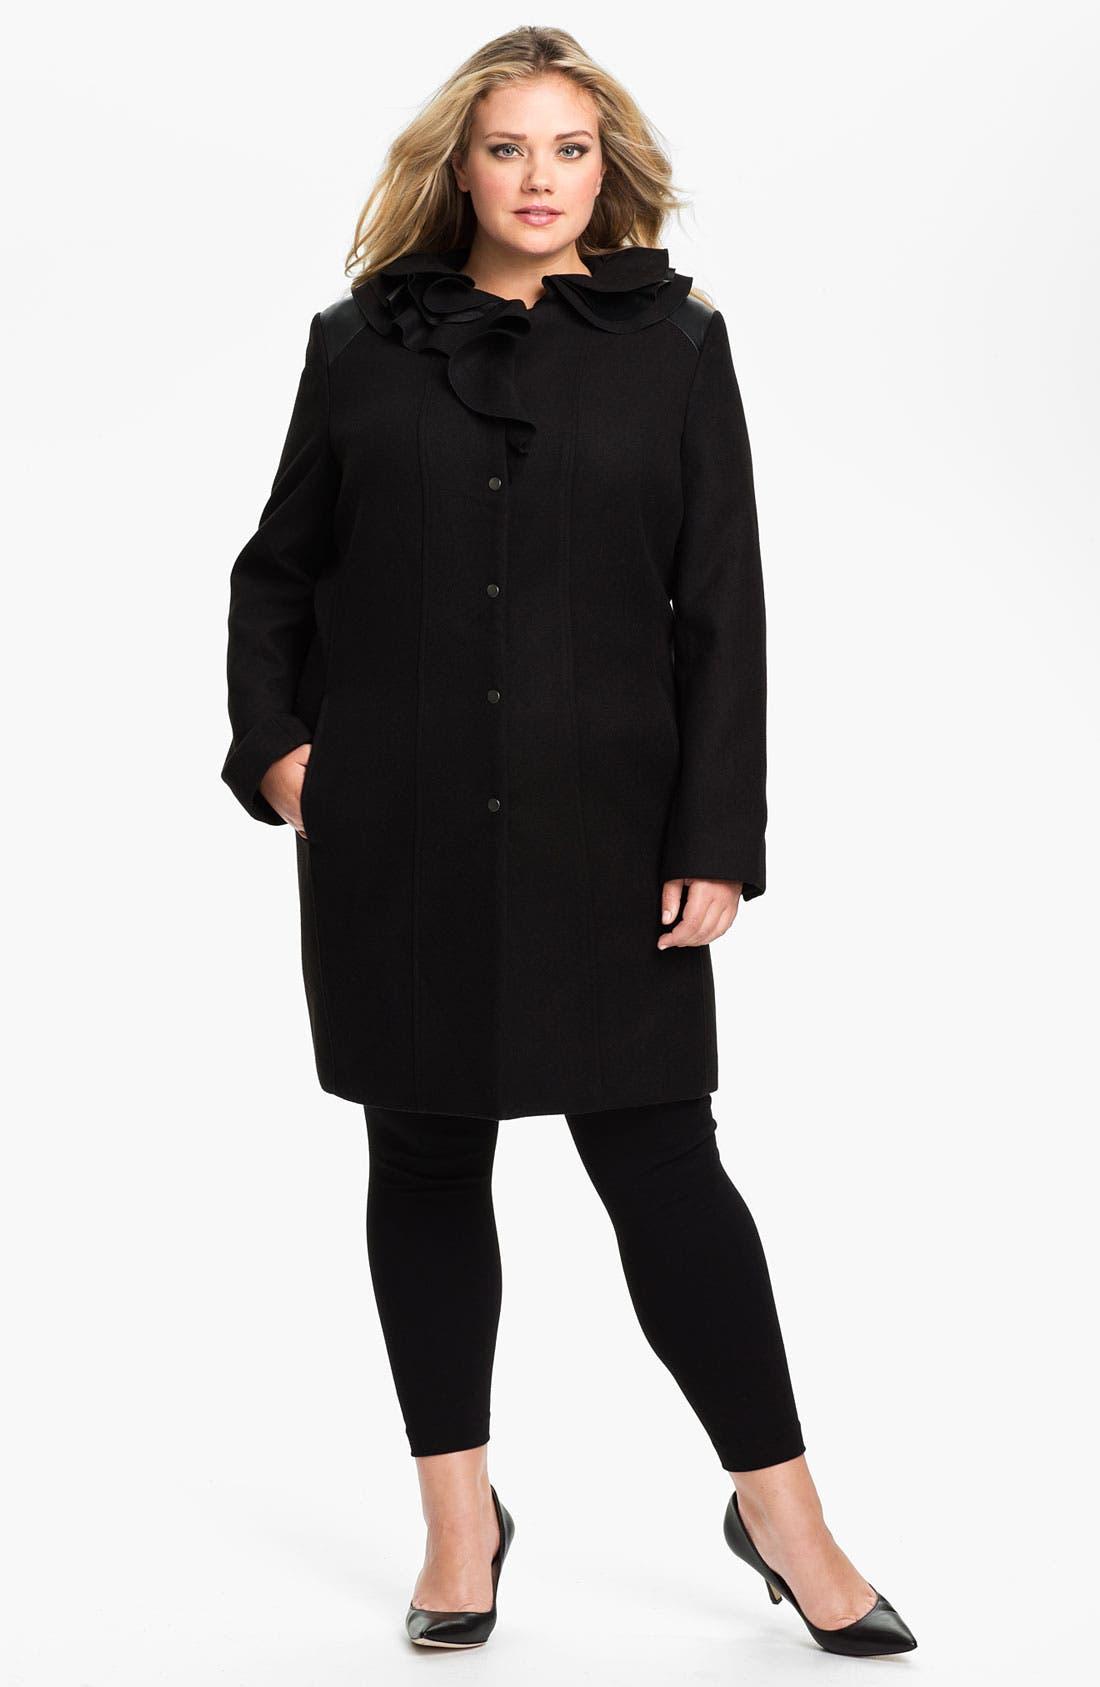 Main Image - Tahari Woman 'Millicent' Coat (Plus)